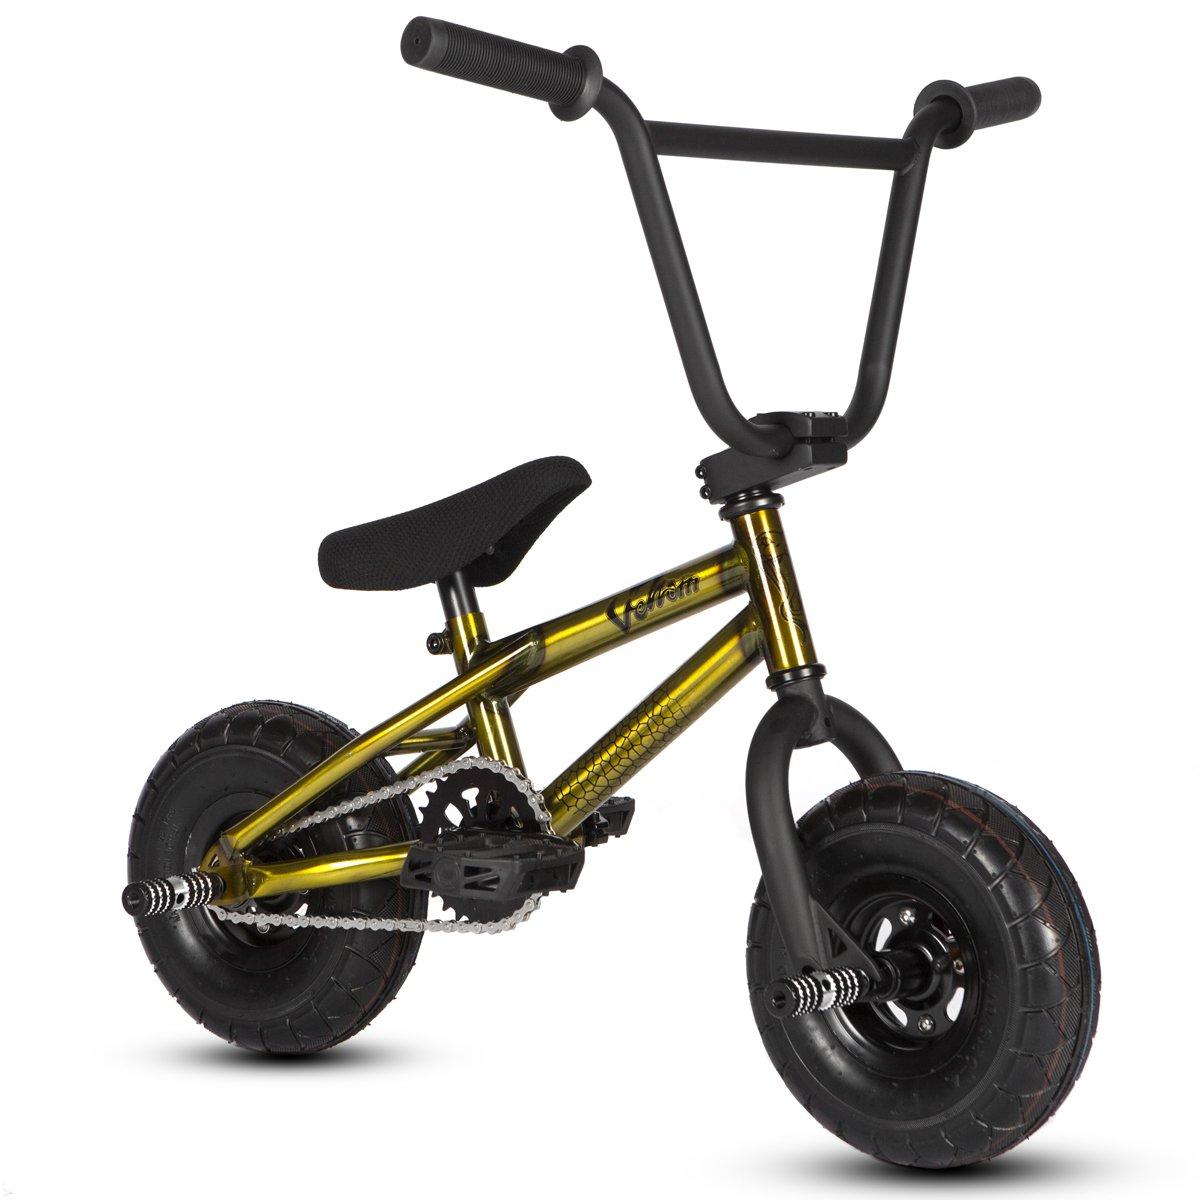 Bicicleta mini BMX Venom 2018 Pro – Color oro y crudo., Raw